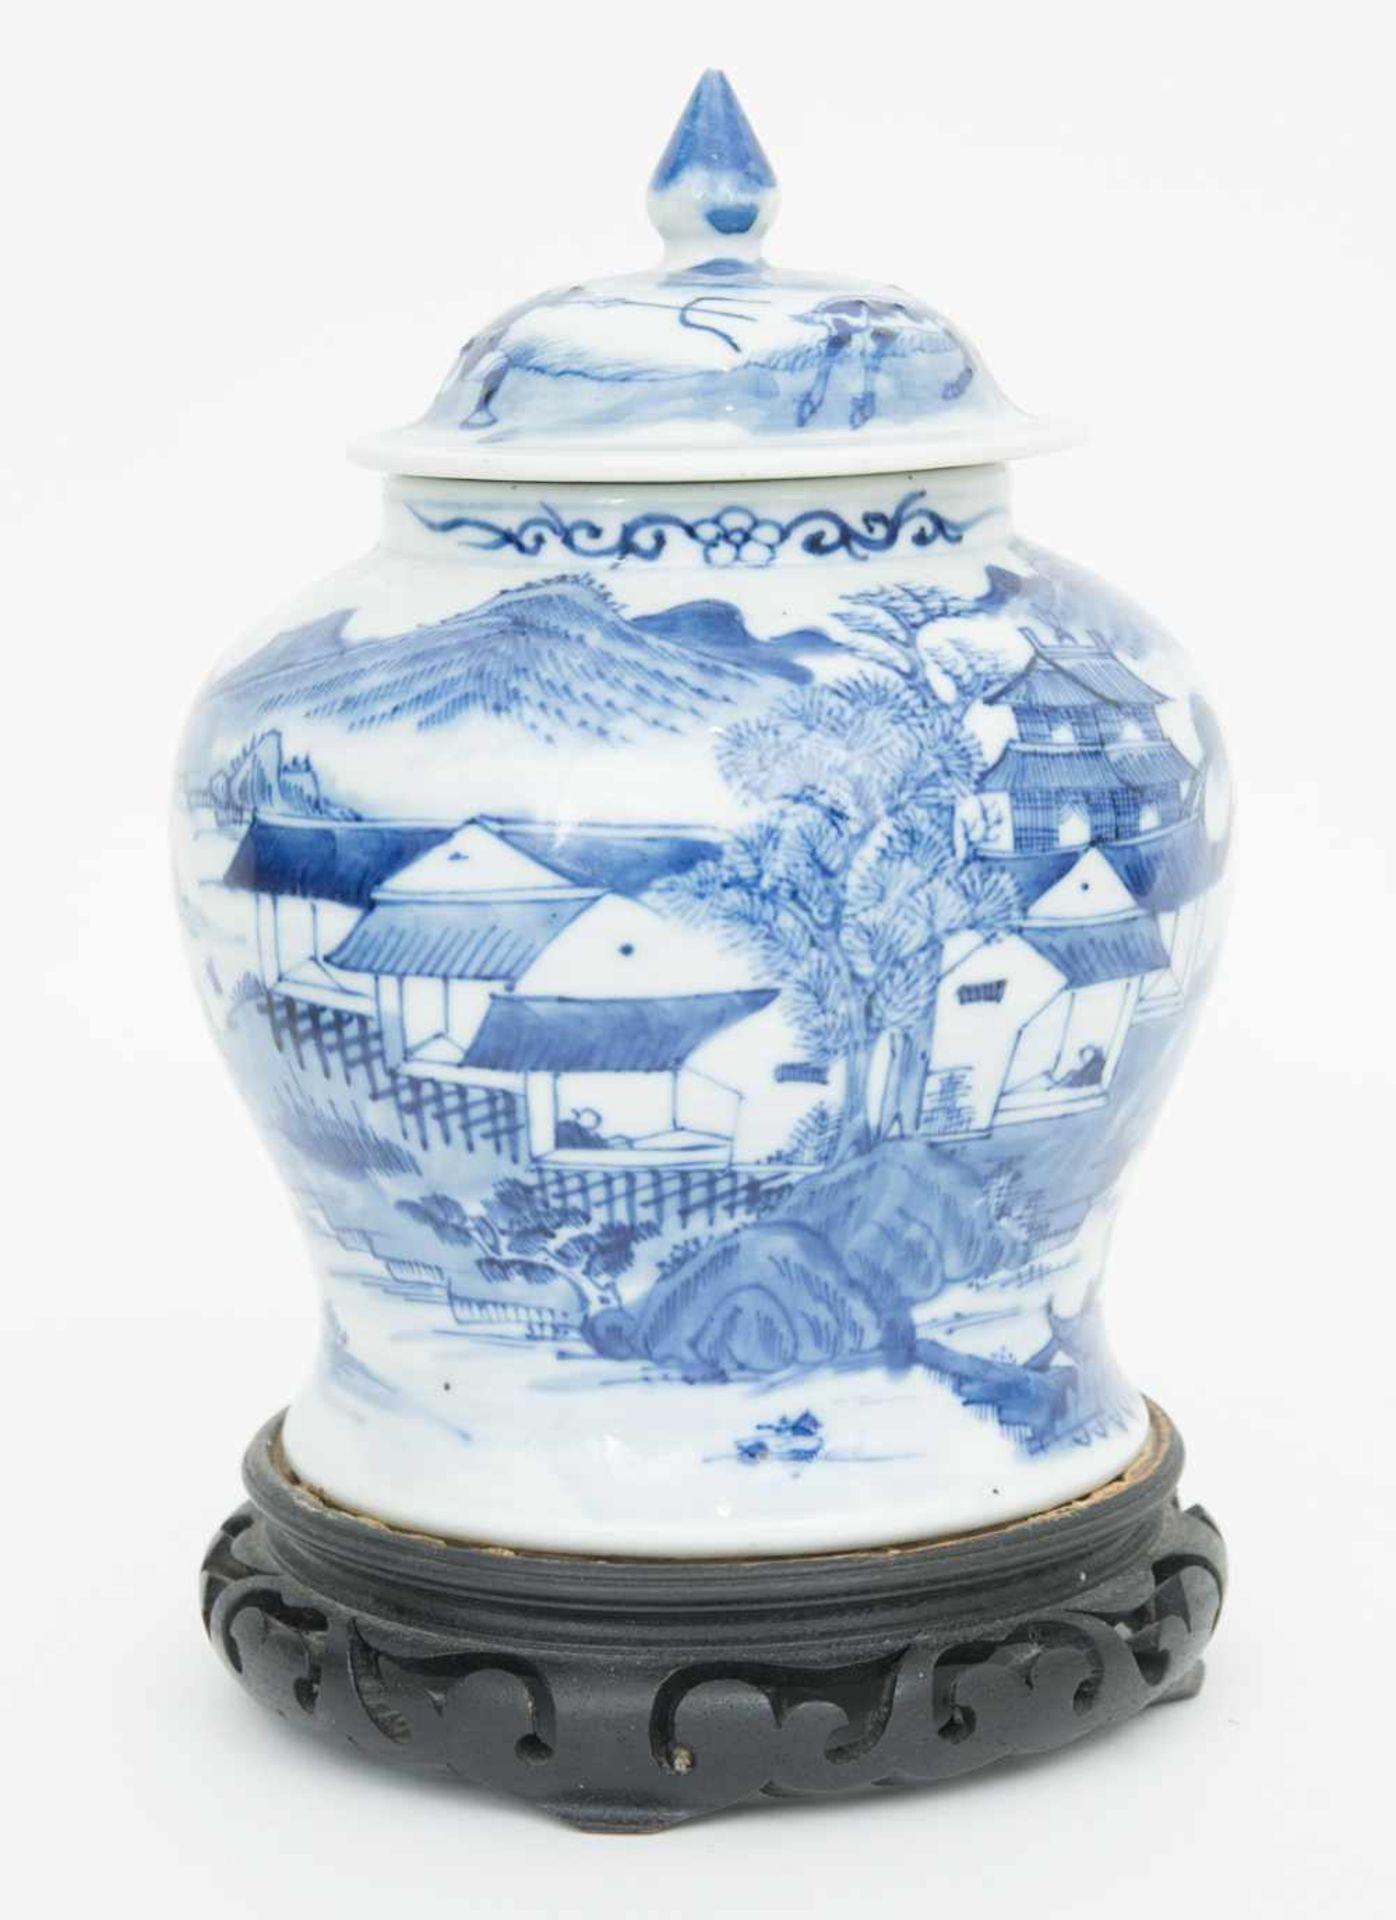 Los 36 - PORZELLANVASE AUF HÖLZERNEM STAND,wohl Qing Dynastie, China Chinesische Vase aus Porzellan, wohl